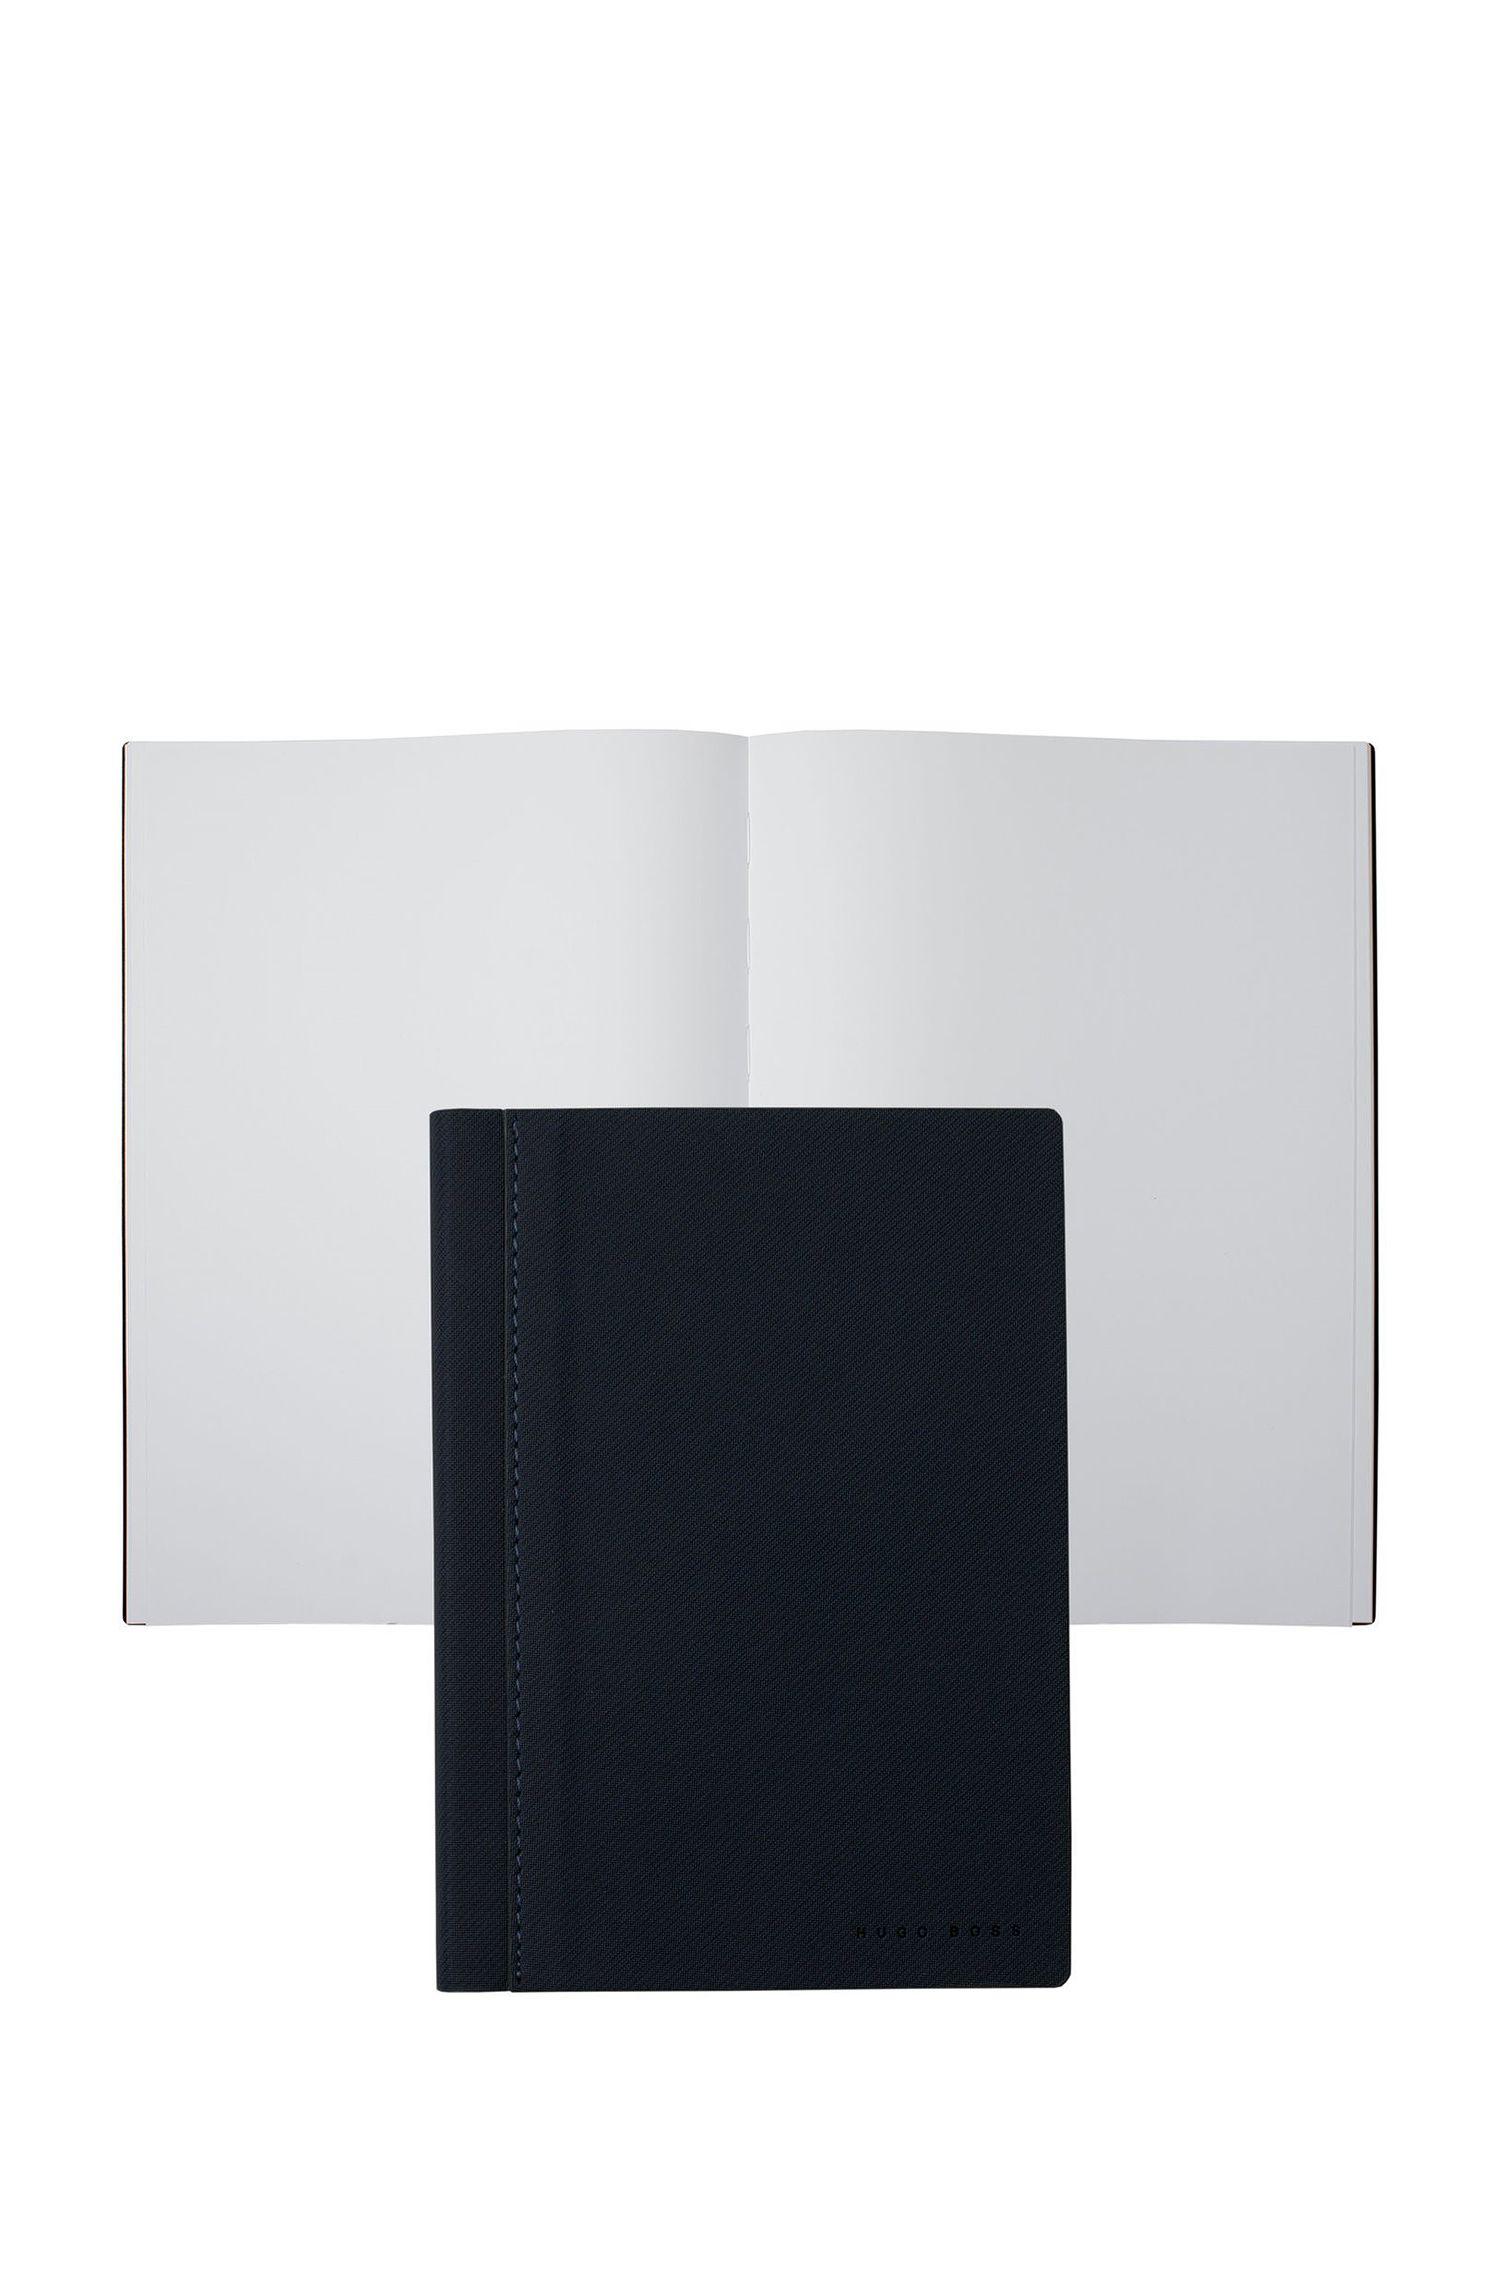 Geschenk-Set mit DIN-A6-Notizbuch und Kugelschreiber mit Textilbezug, Dunkelgrau